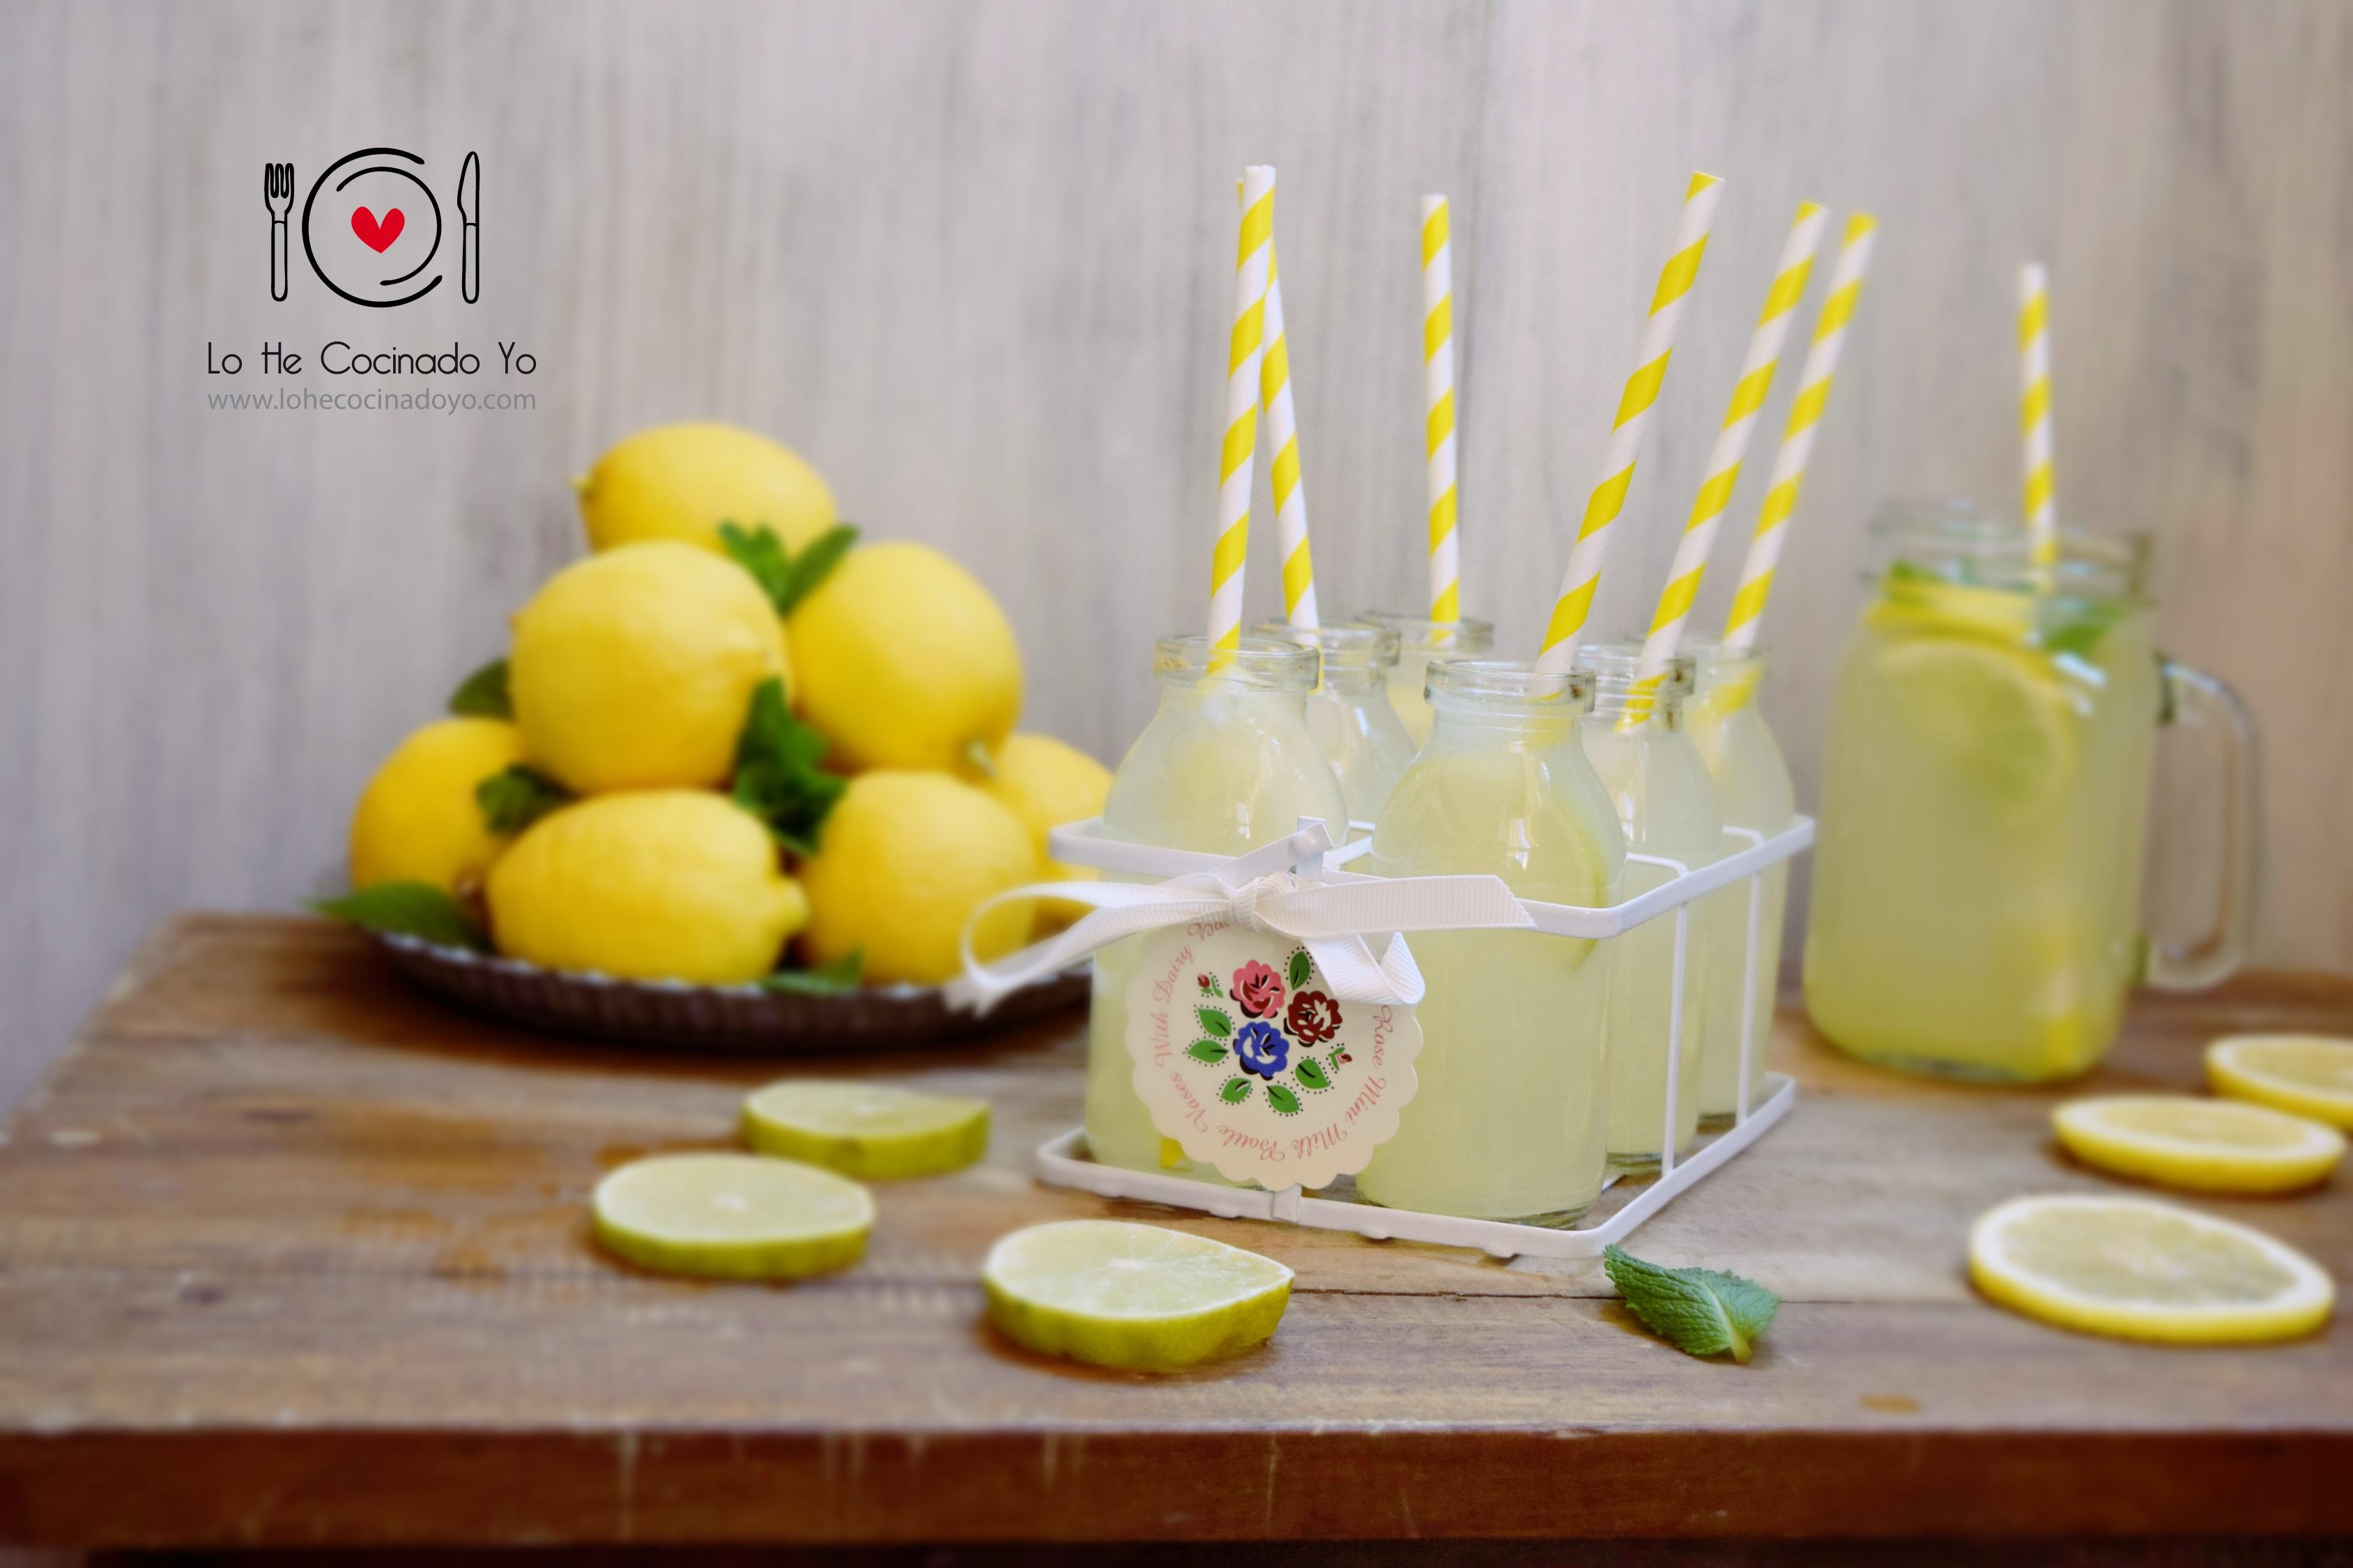 Cómo hacer Limonada Casera